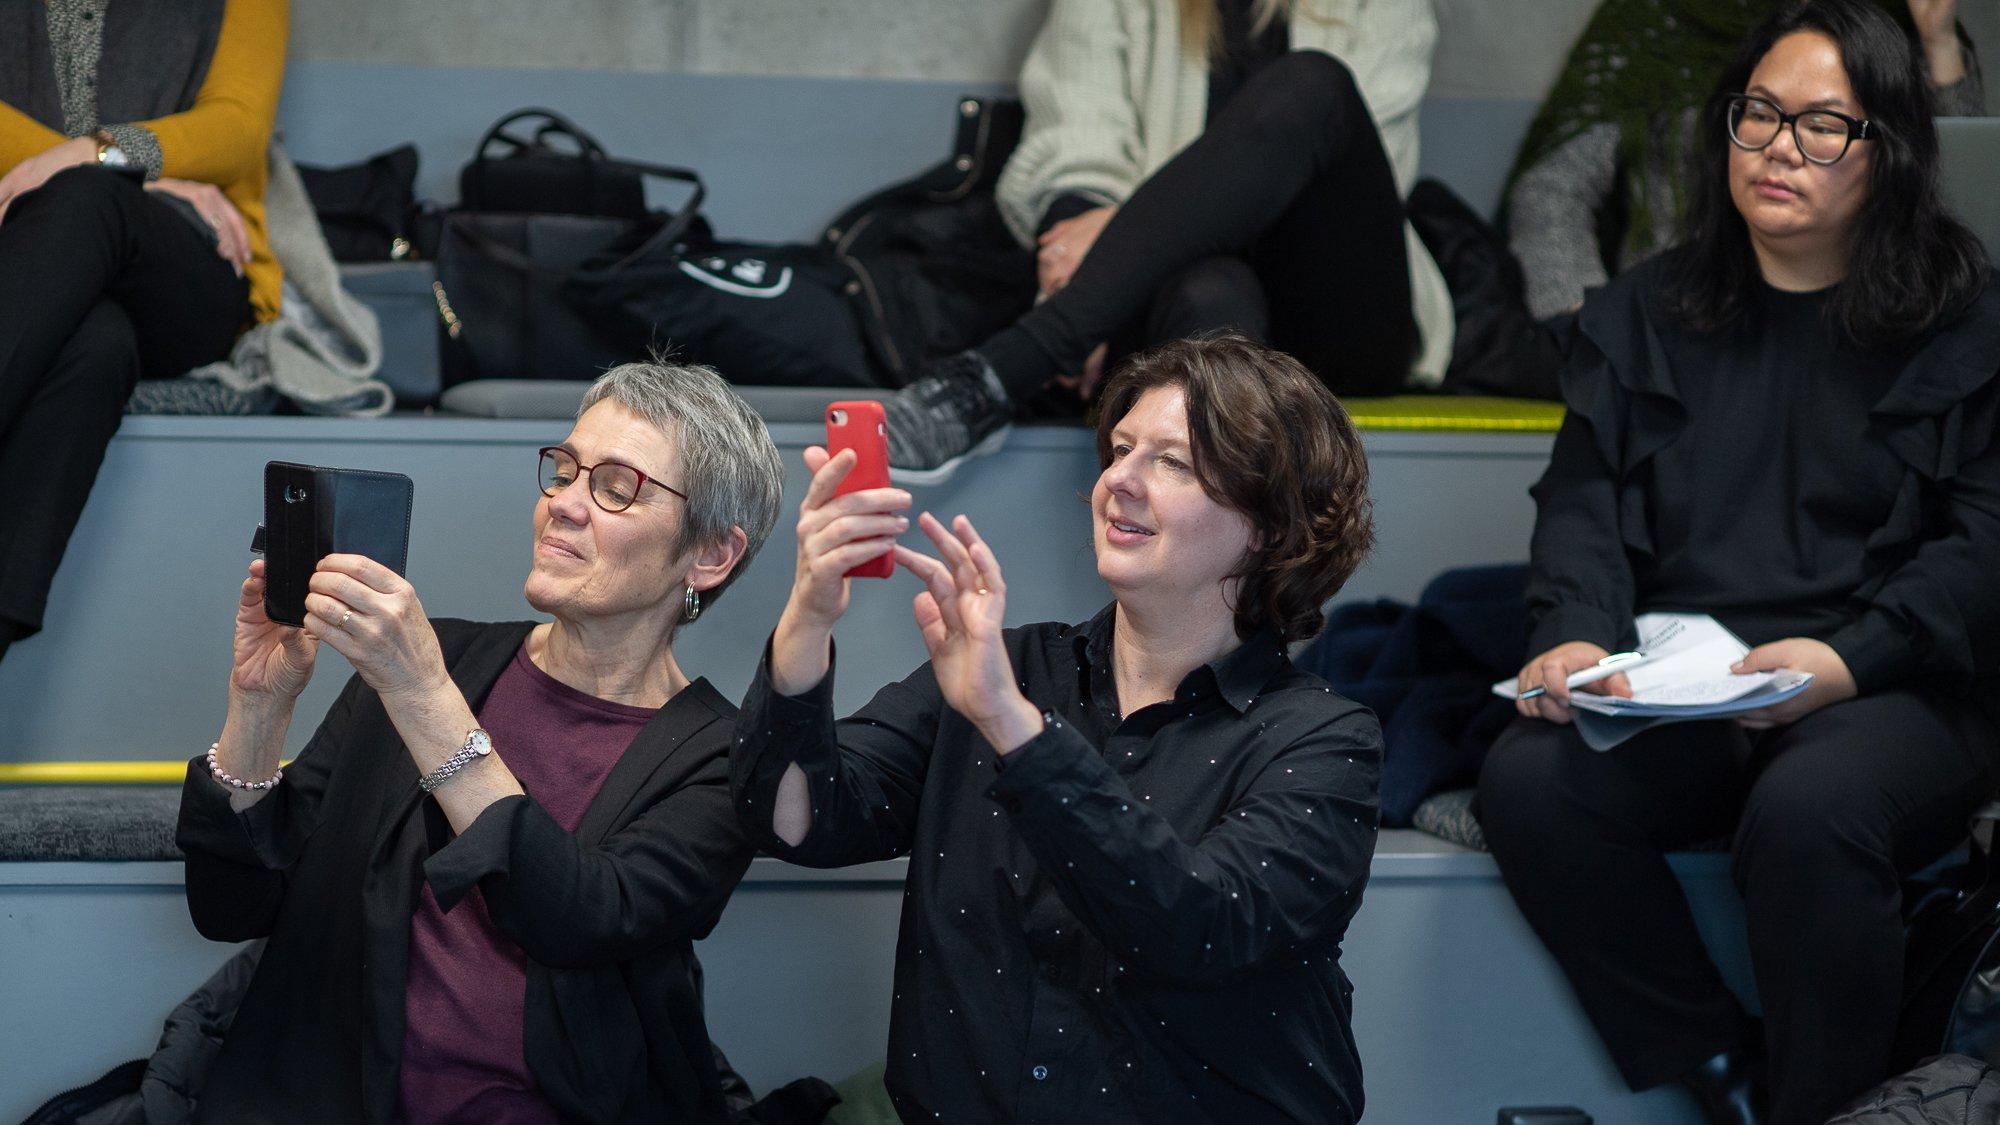 Publik vid event på Goto10. Två kvinnor i publiken fotograferar scenen med varsin mobiltelefon.